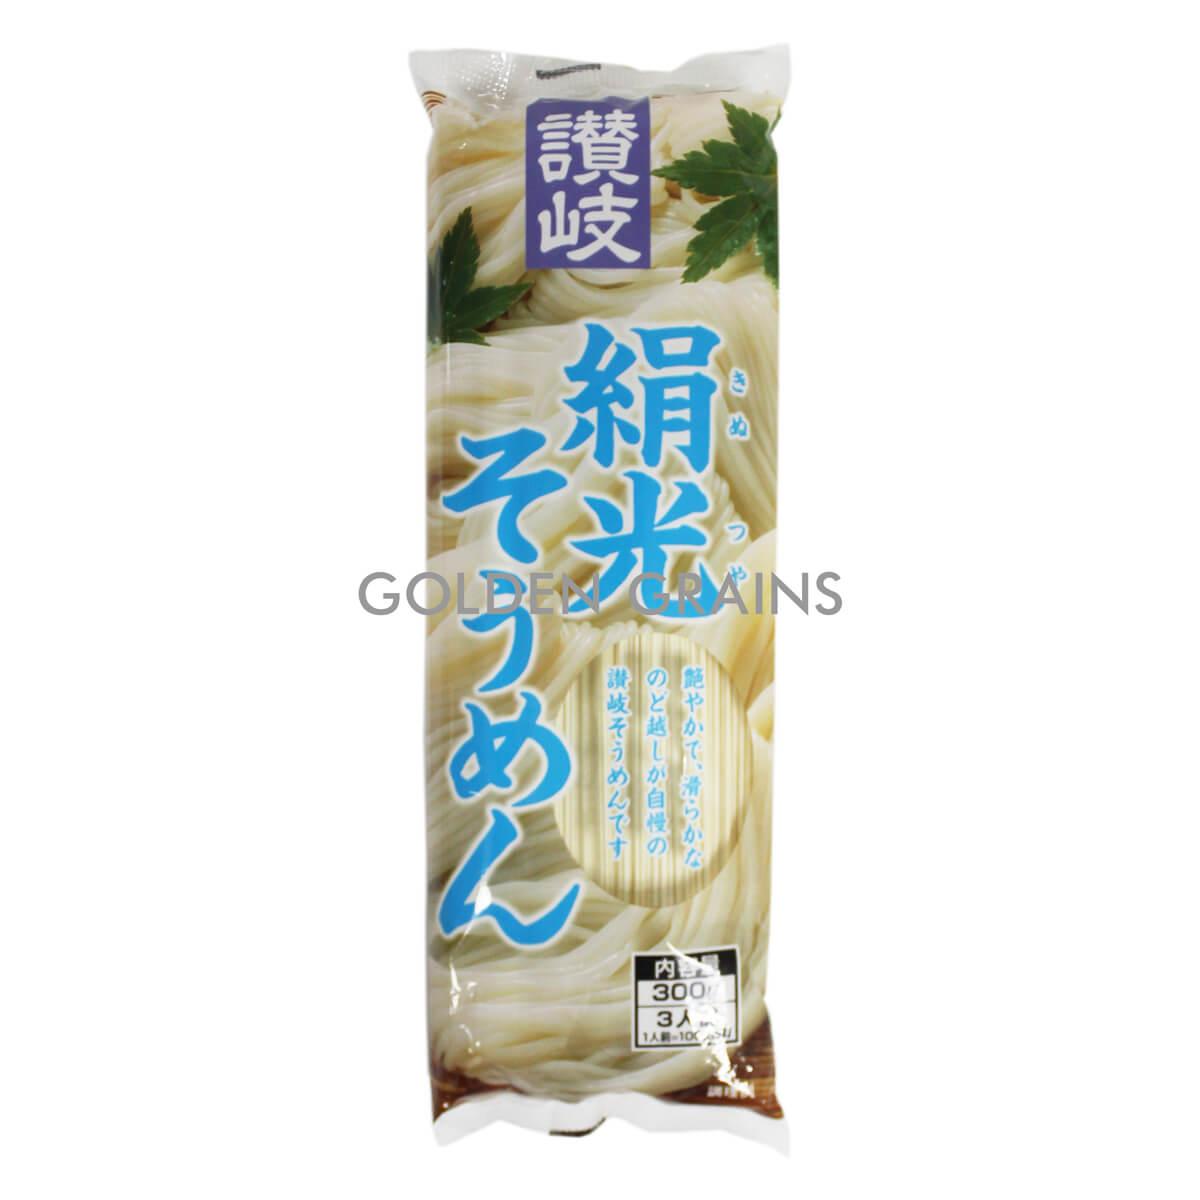 Golden Grains Sanuki - Front.jpg